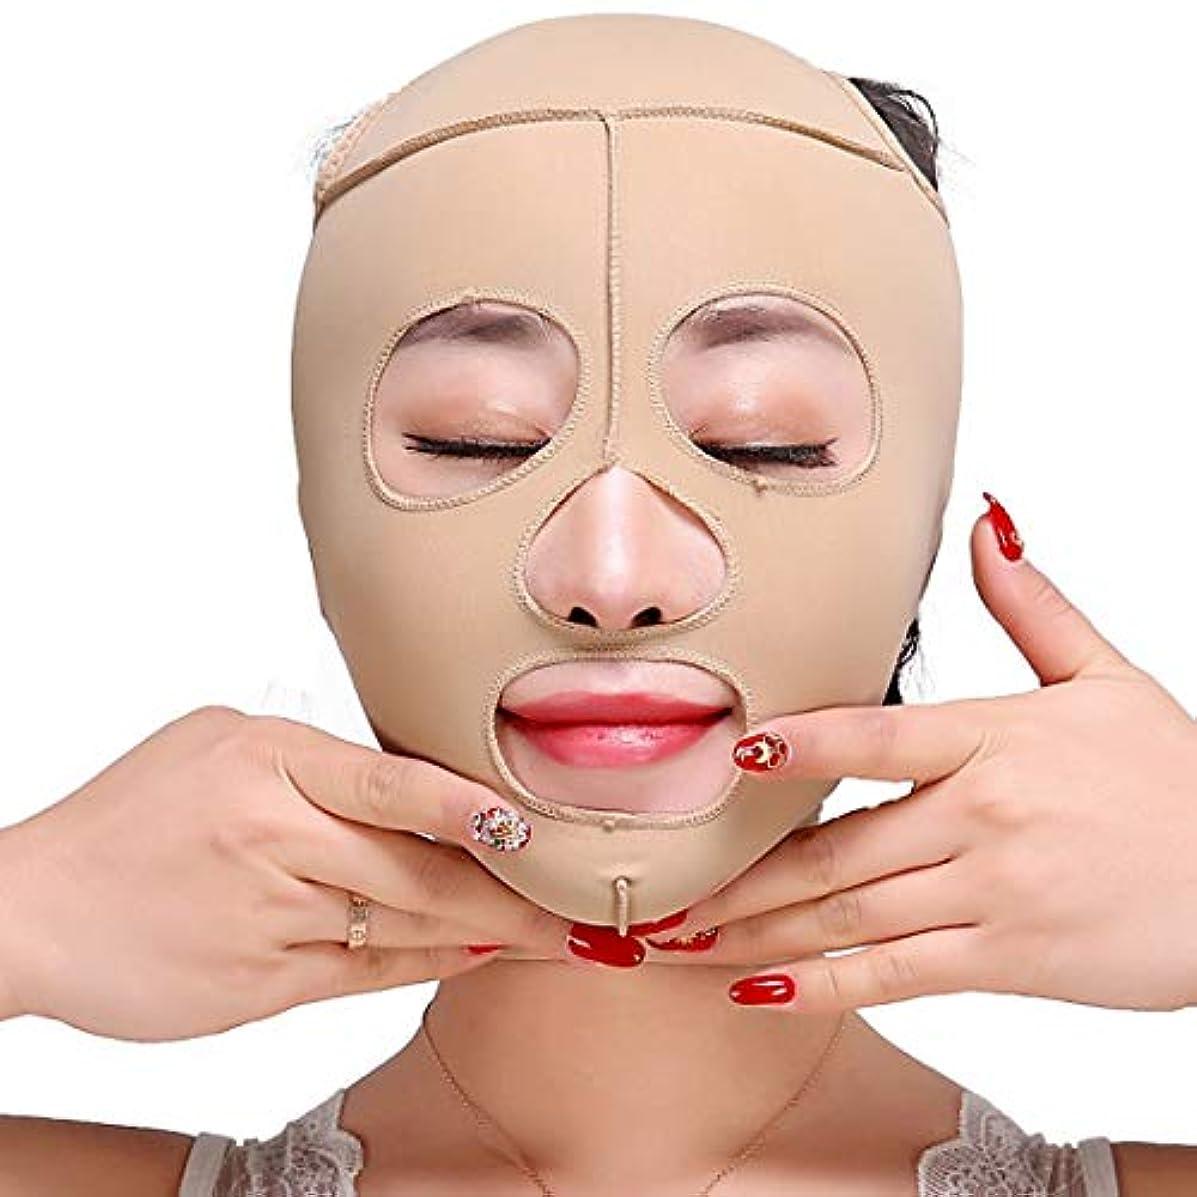 失速呼吸するグラスZWBD フェイスマスク, フェイスリフティング包帯Vフェイスリフティングと締め付けフェイスリフティングマスクラインカービングヘッドカバー術後回復顔整形包帯